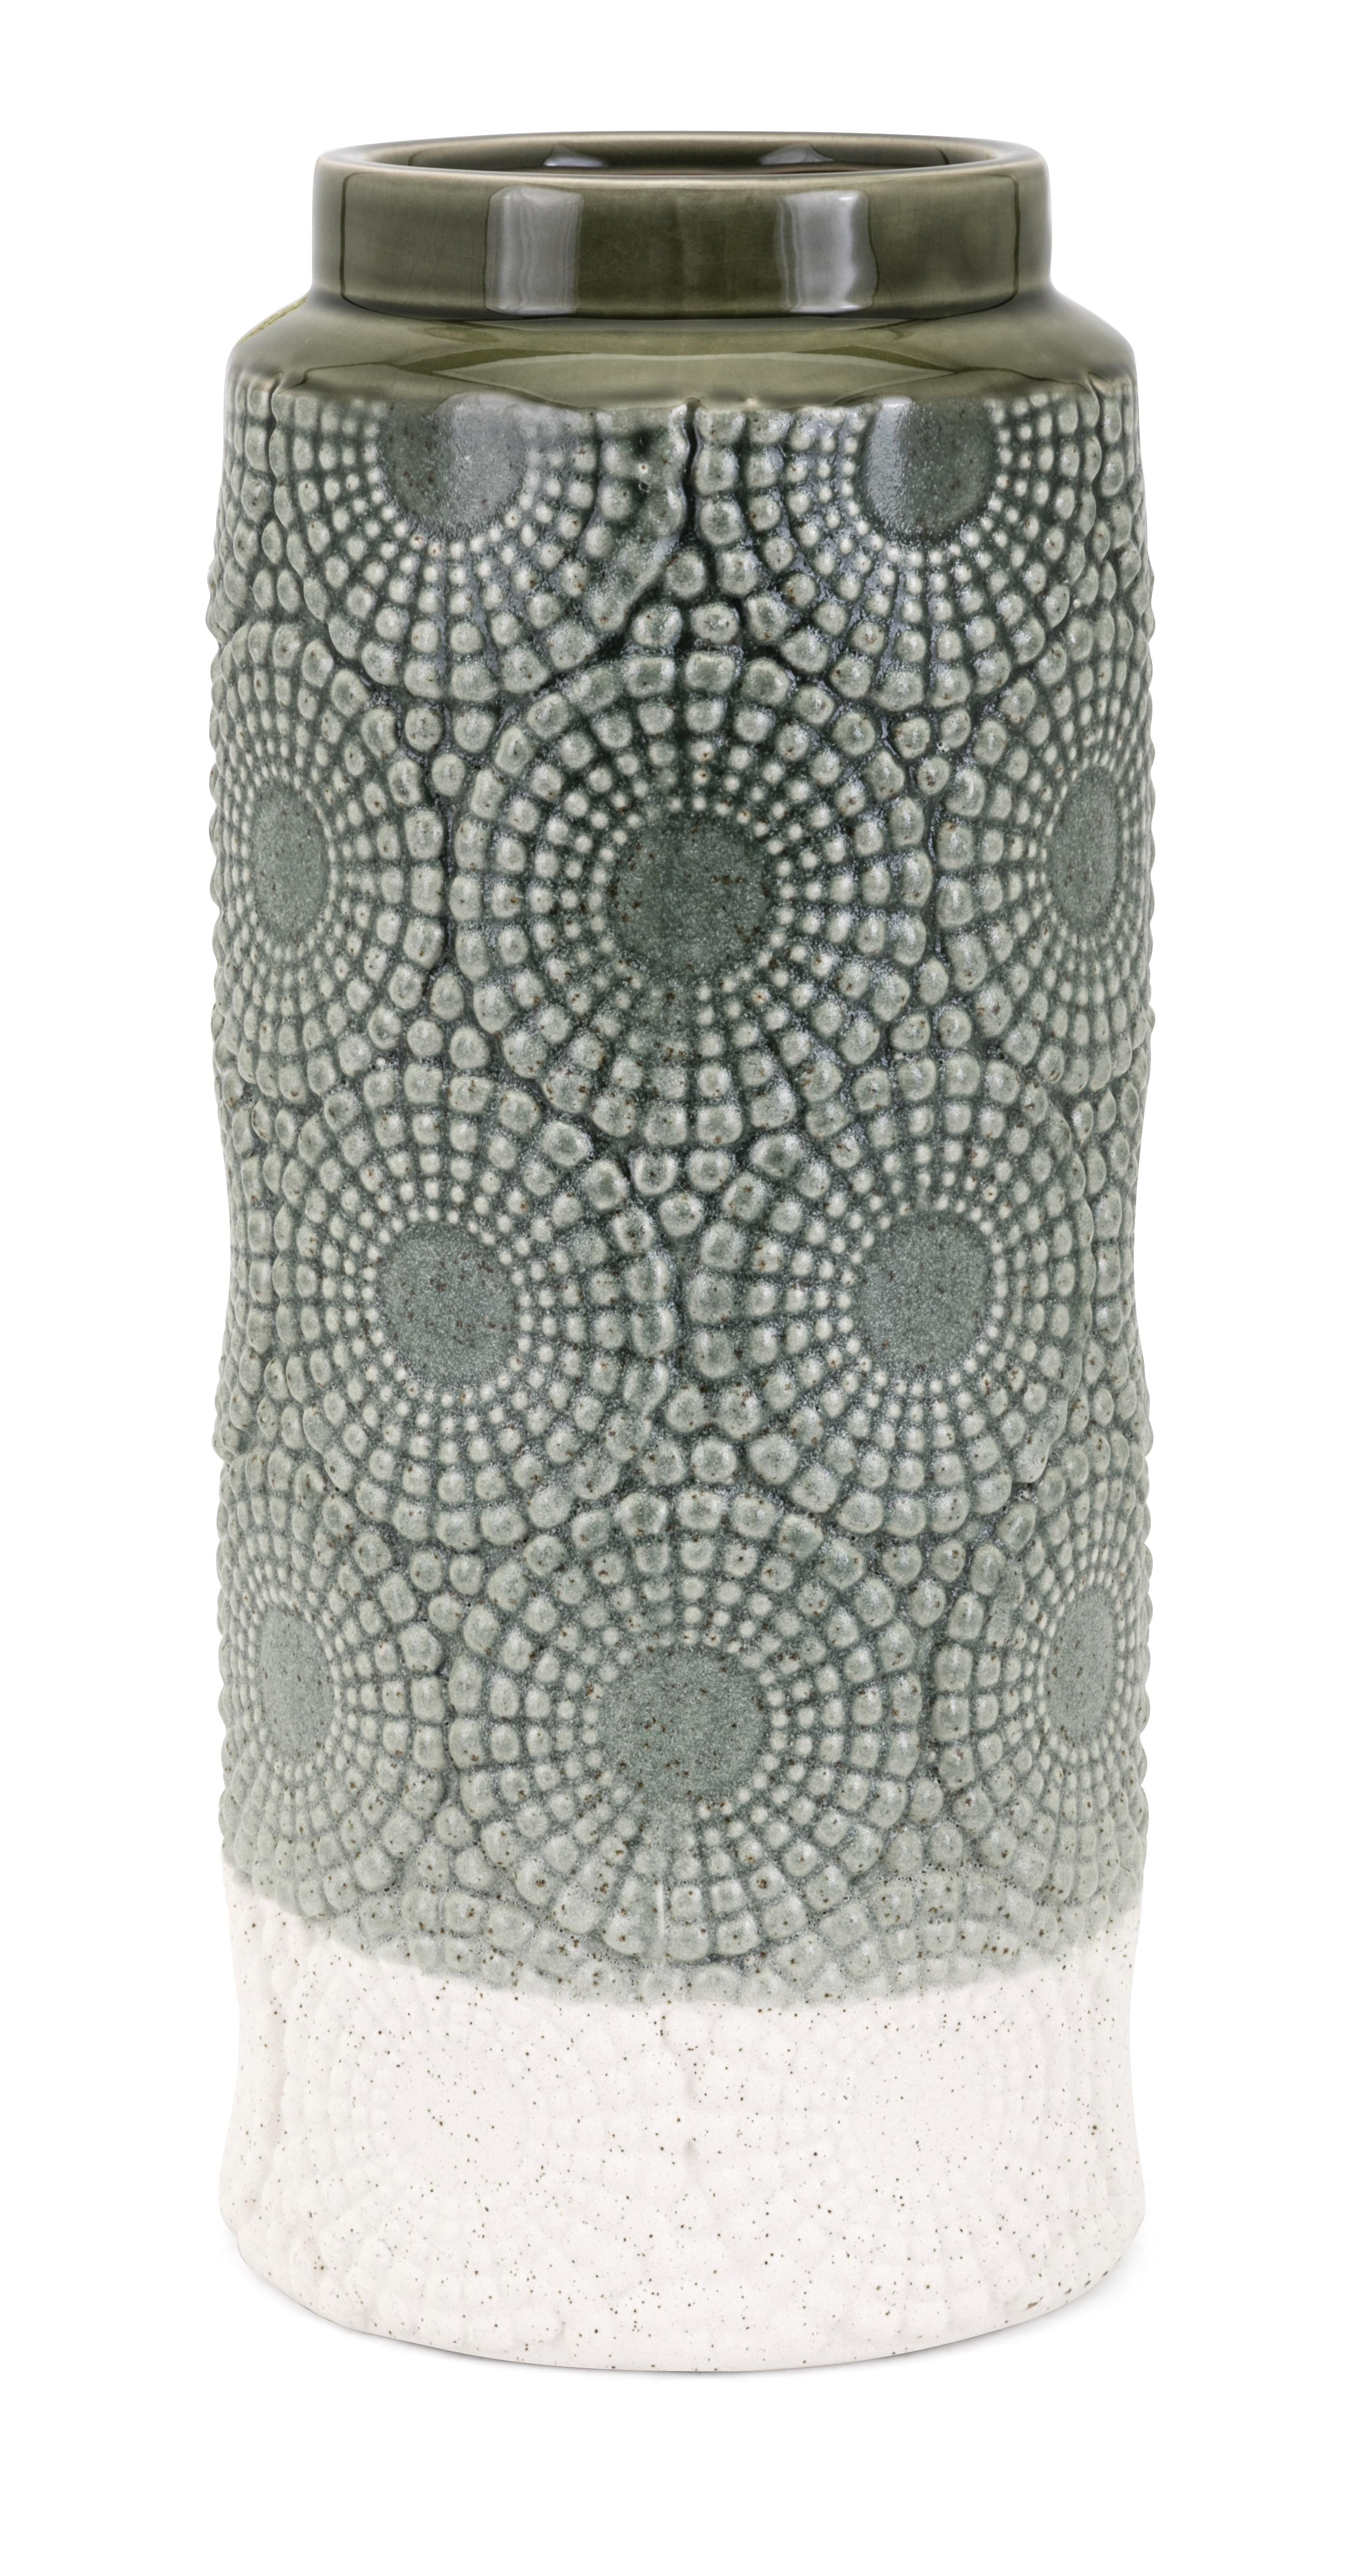 IMAX Aster vase